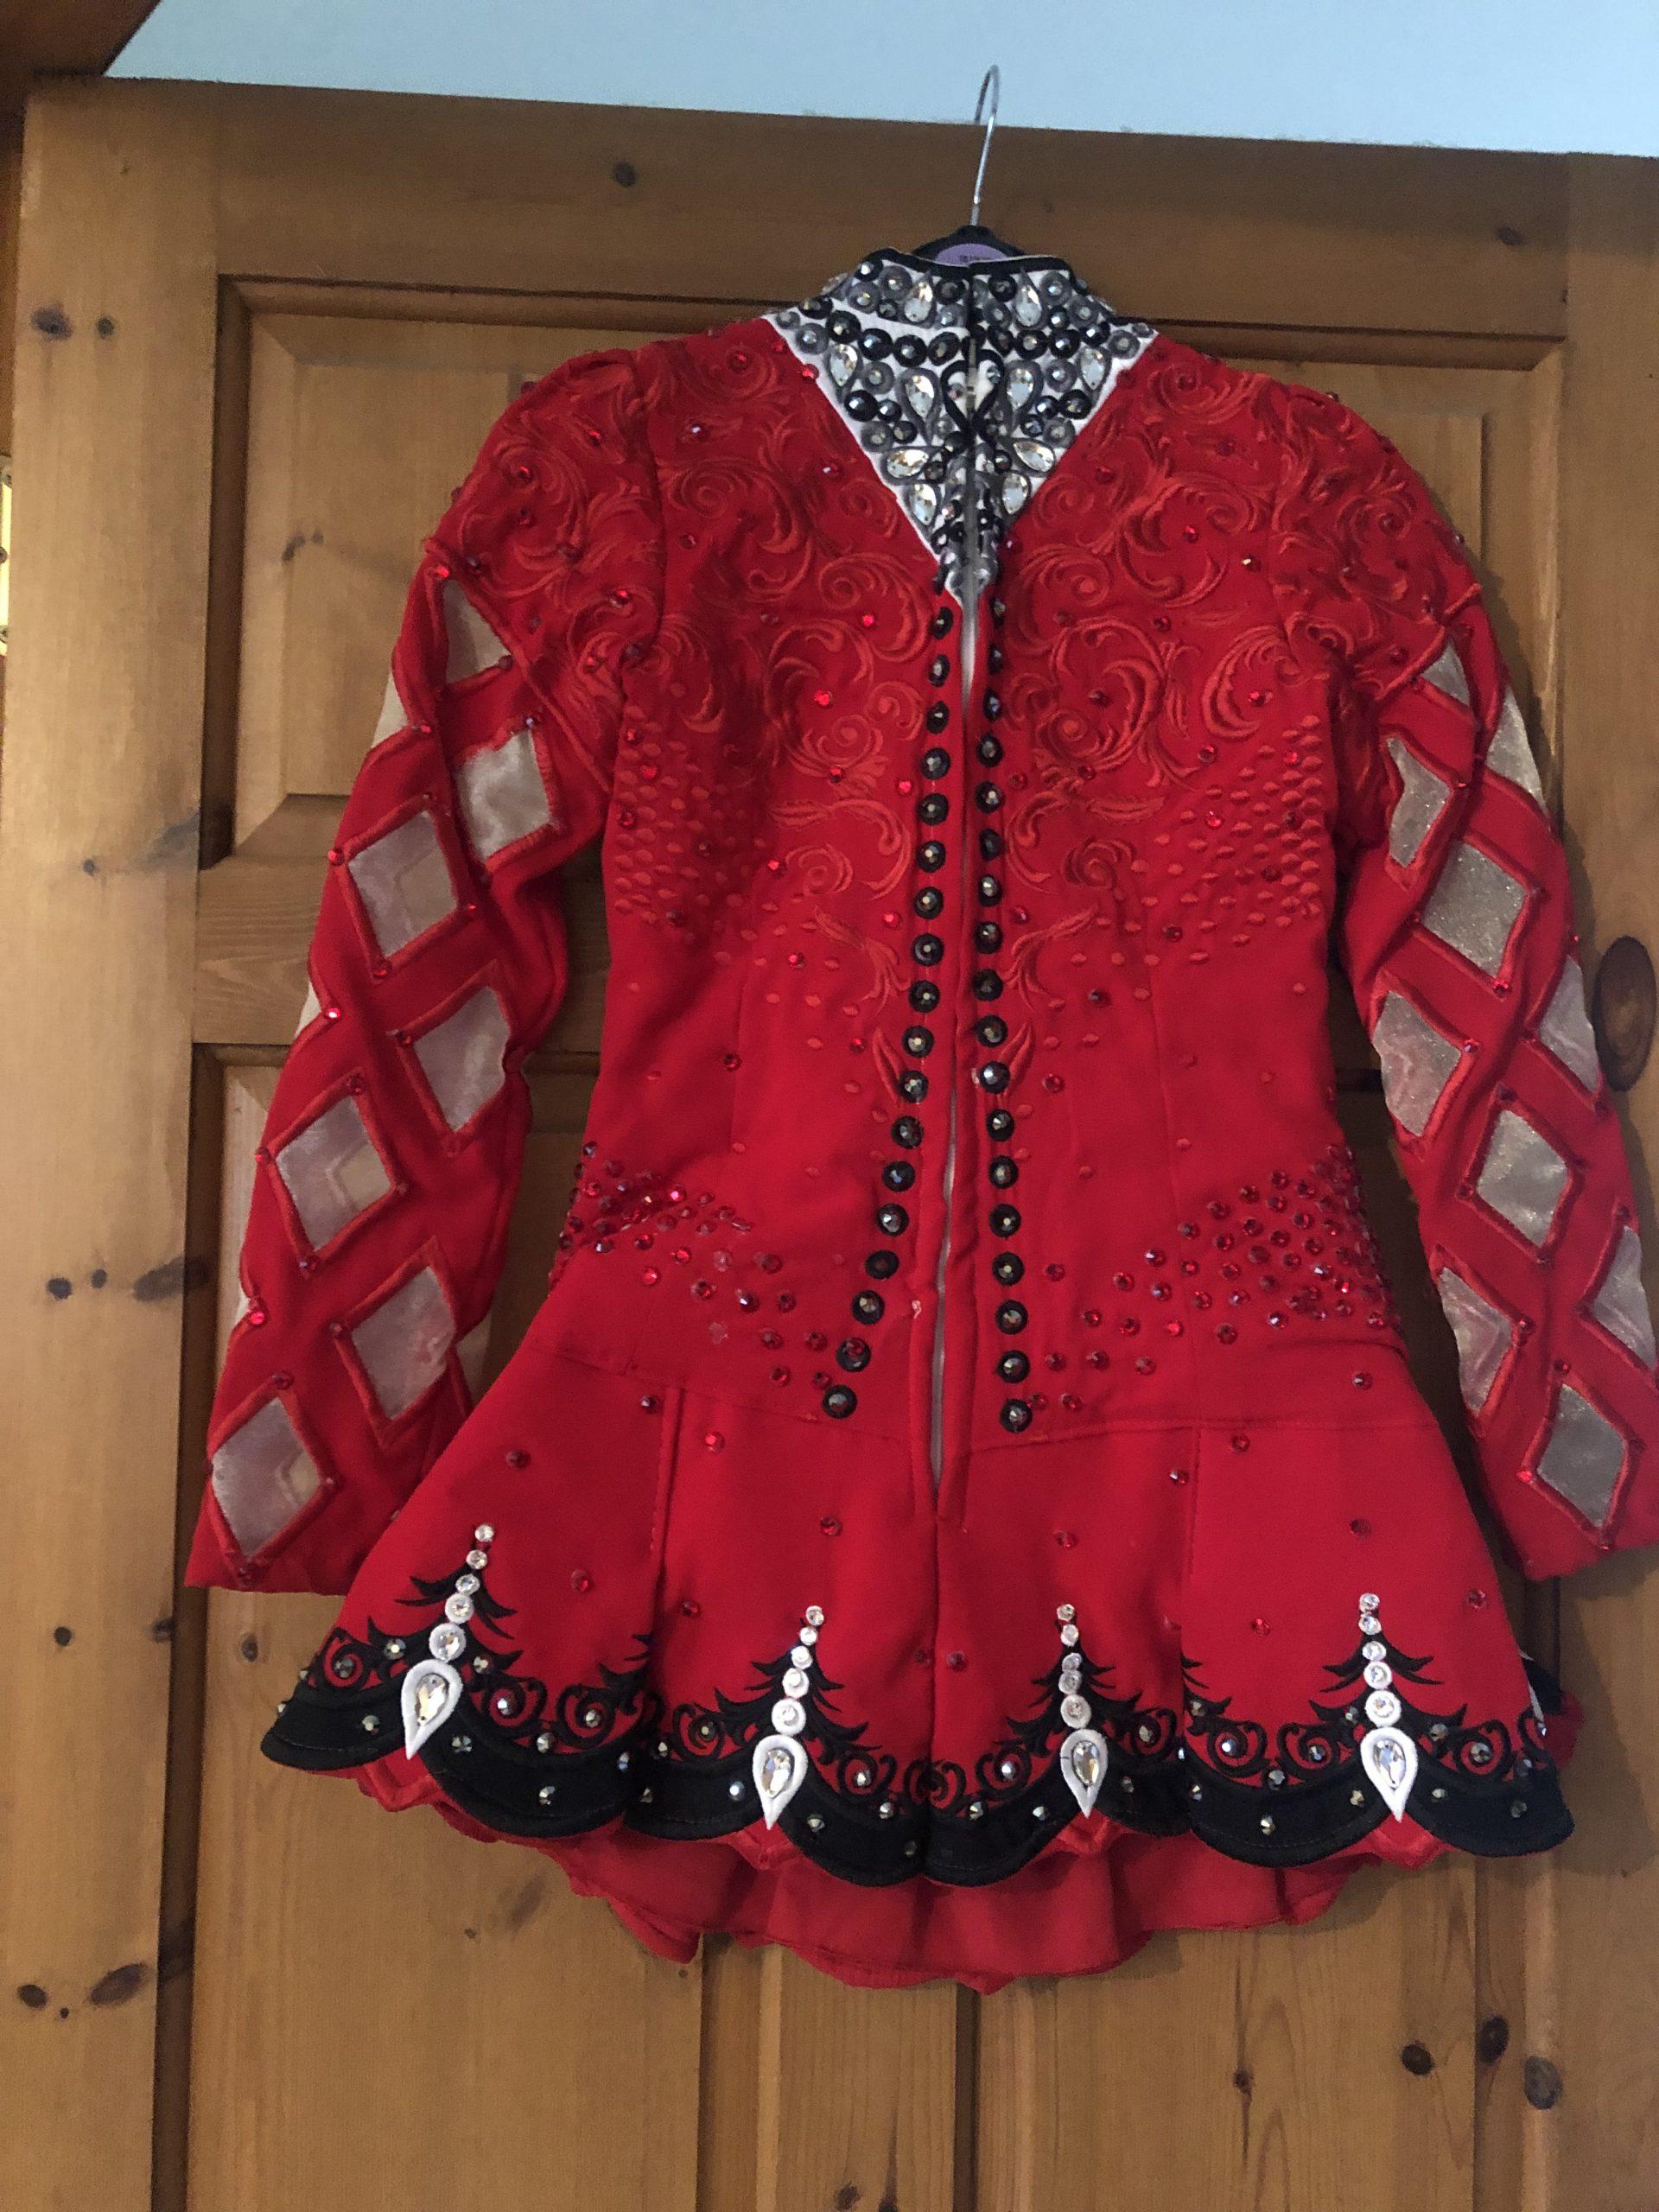 Dress #7567